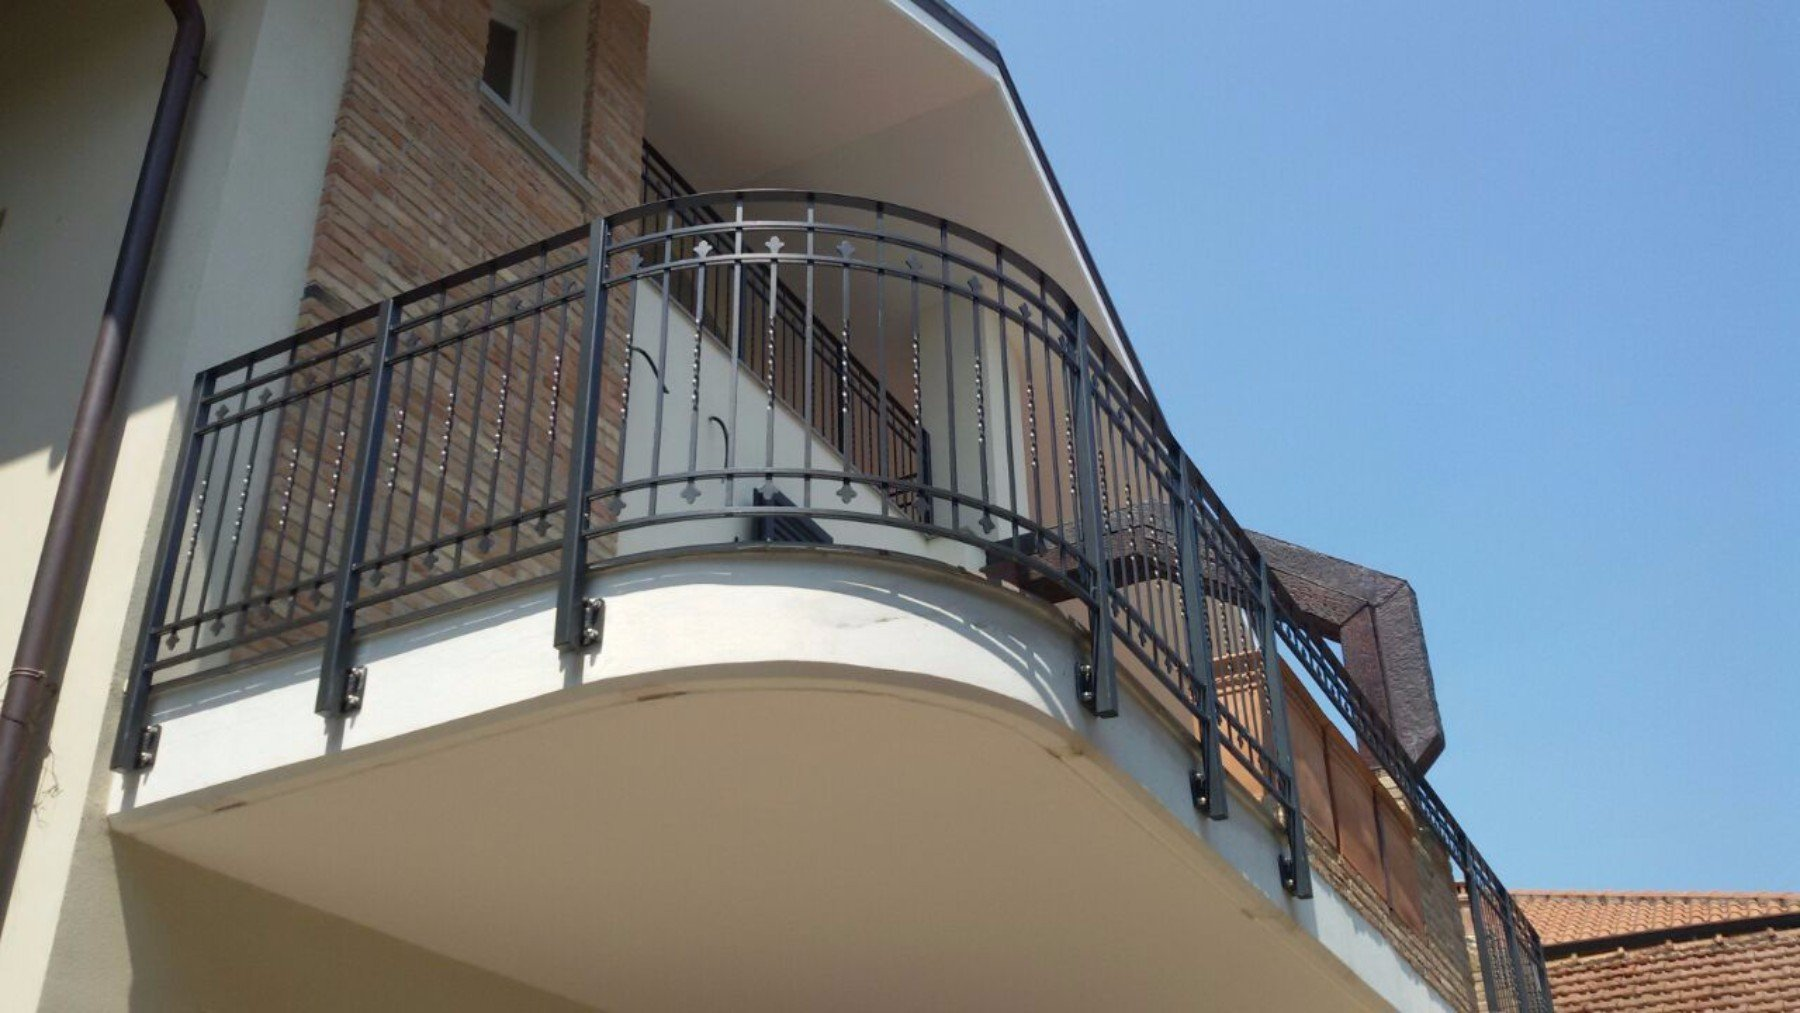 un balcone con una ringhiera nera